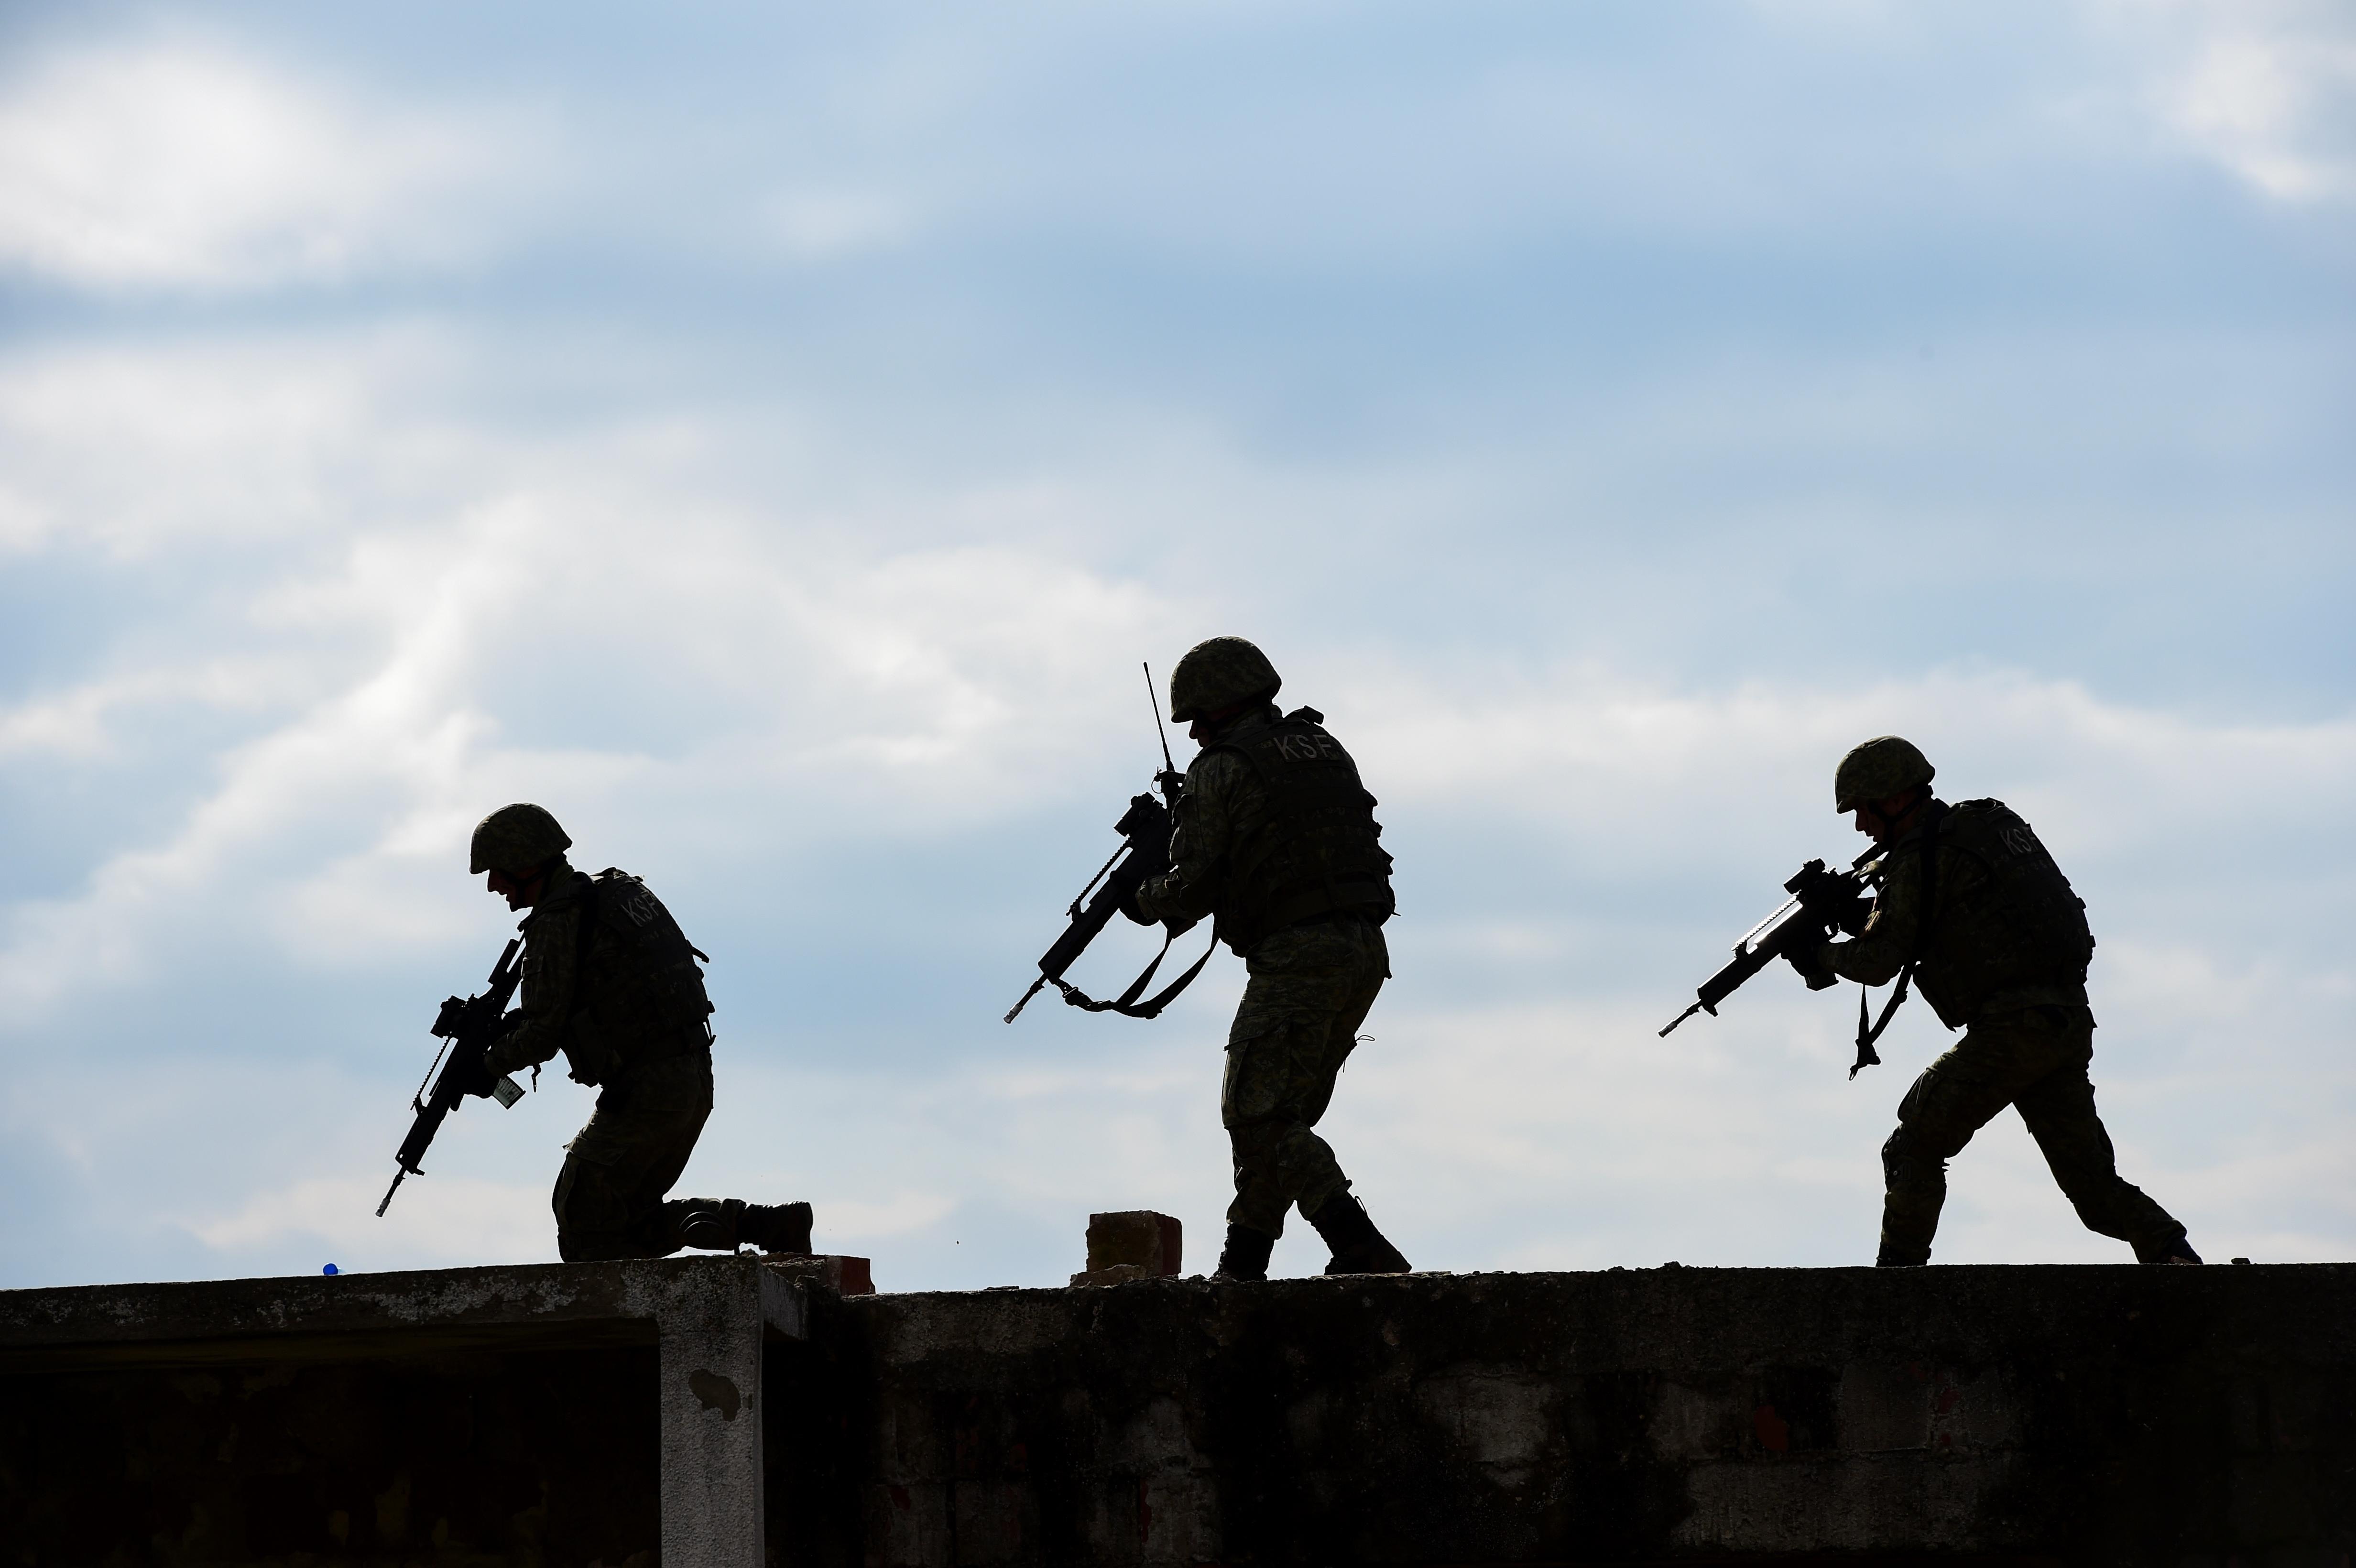 Az izraeli válogatott ellen terveztek merényletet az Iszlám Állam koszovói terroristái